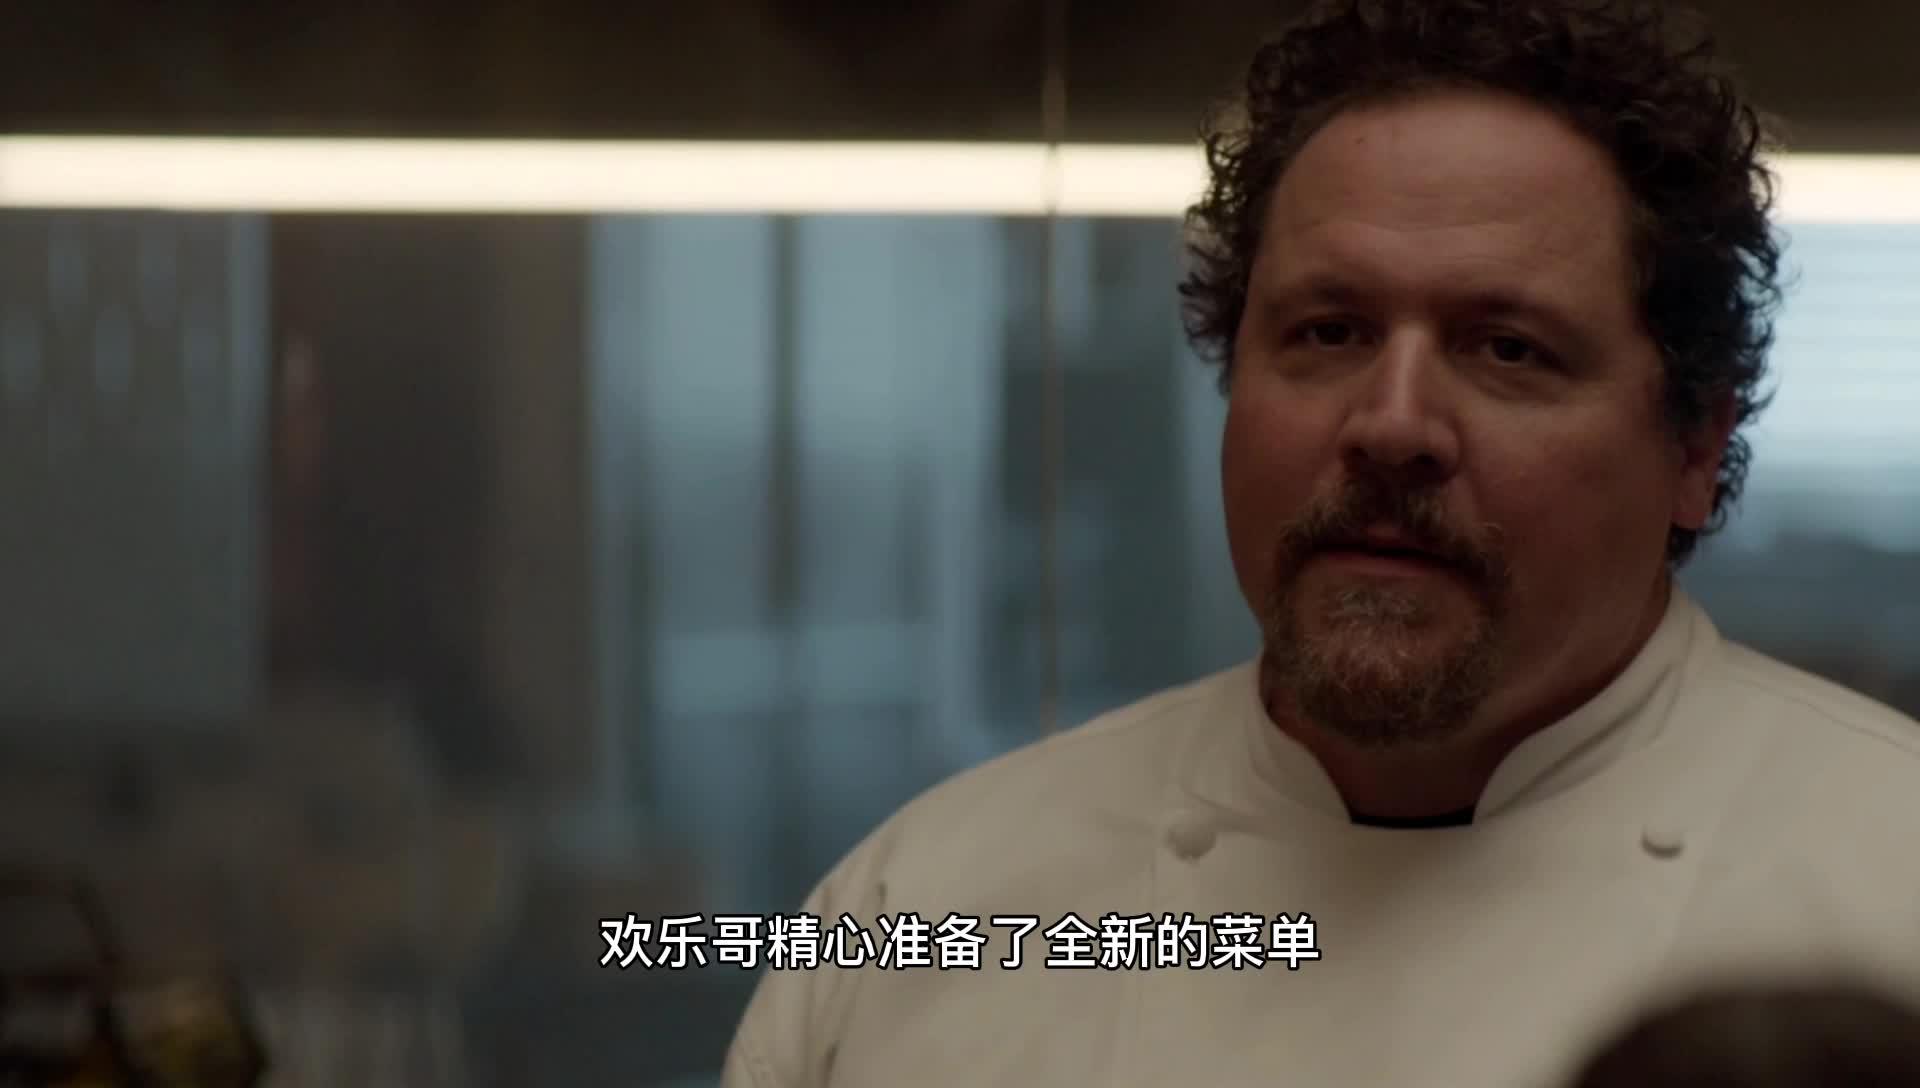 九分半带你看完一部用高超厨艺对抗中年危机的电影《落魄大厨》